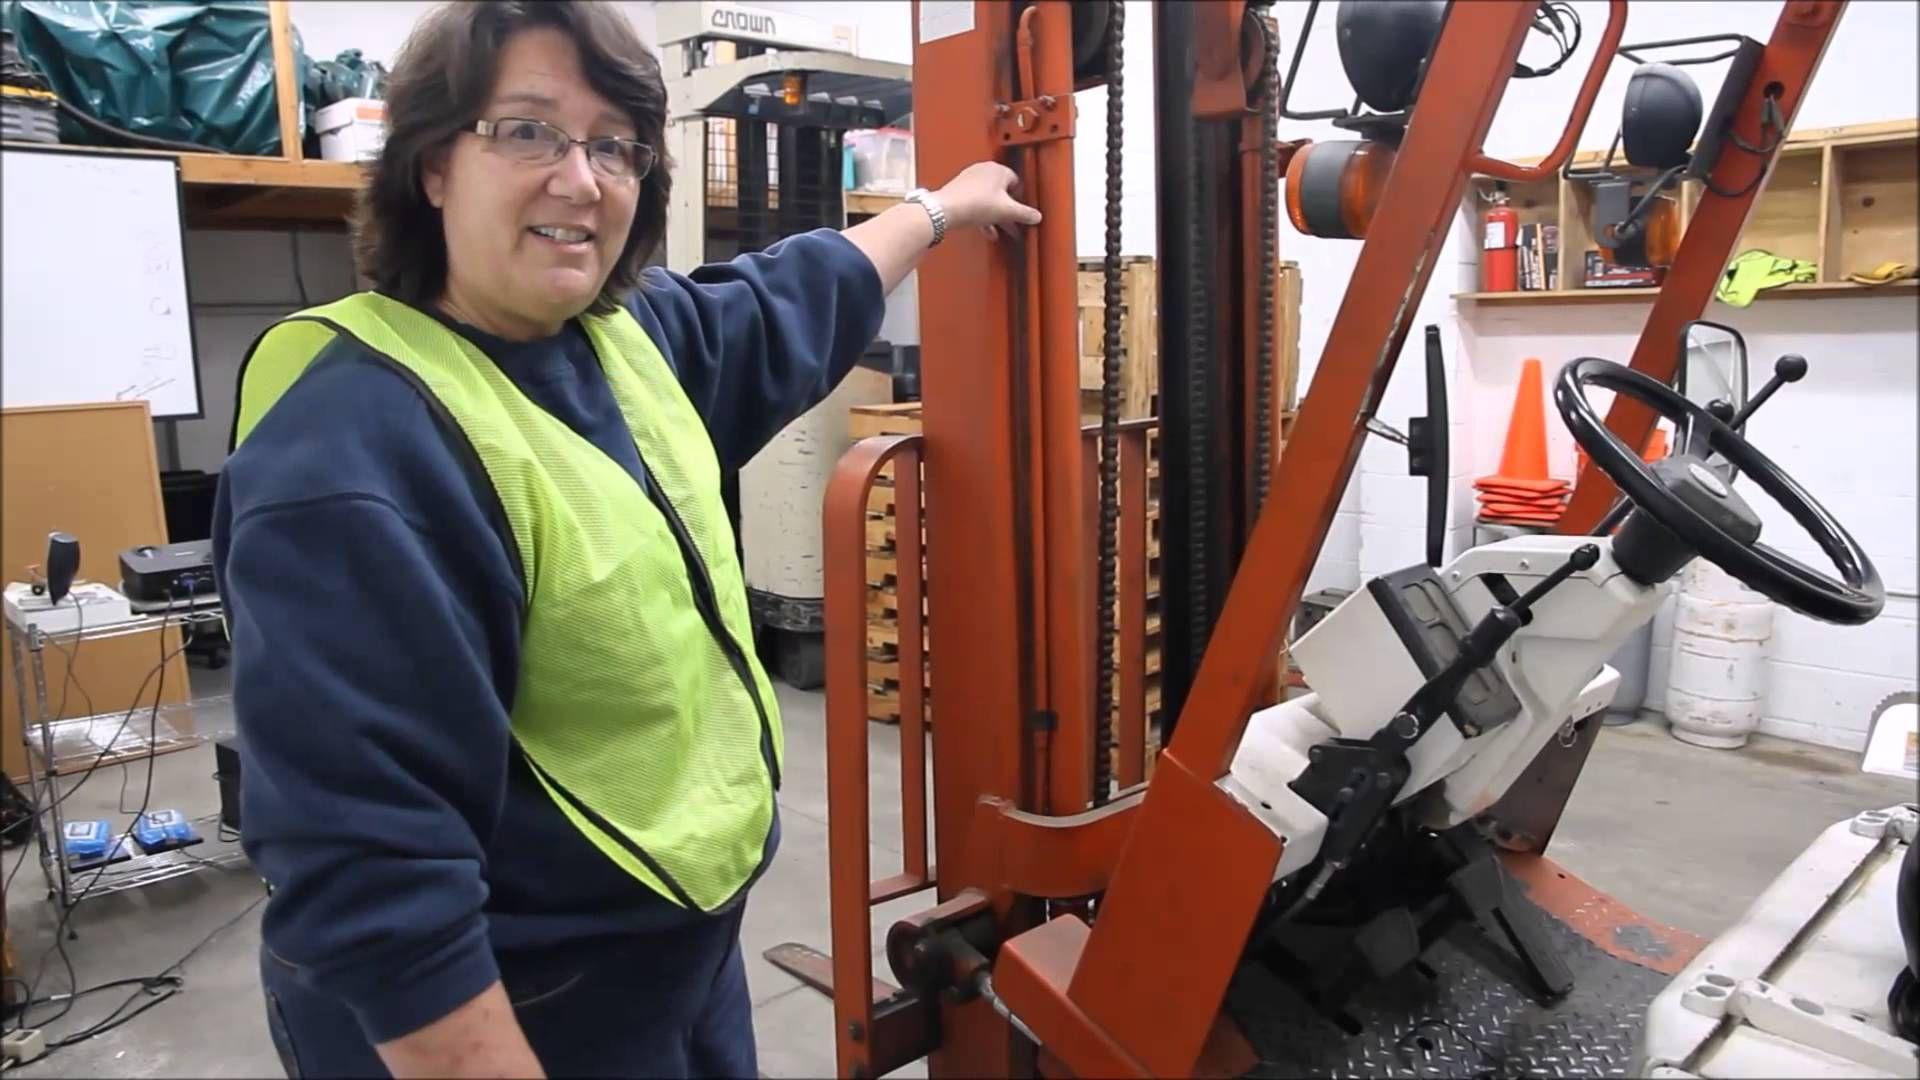 Forklift Training OSHA PreShift Inspection Forklift